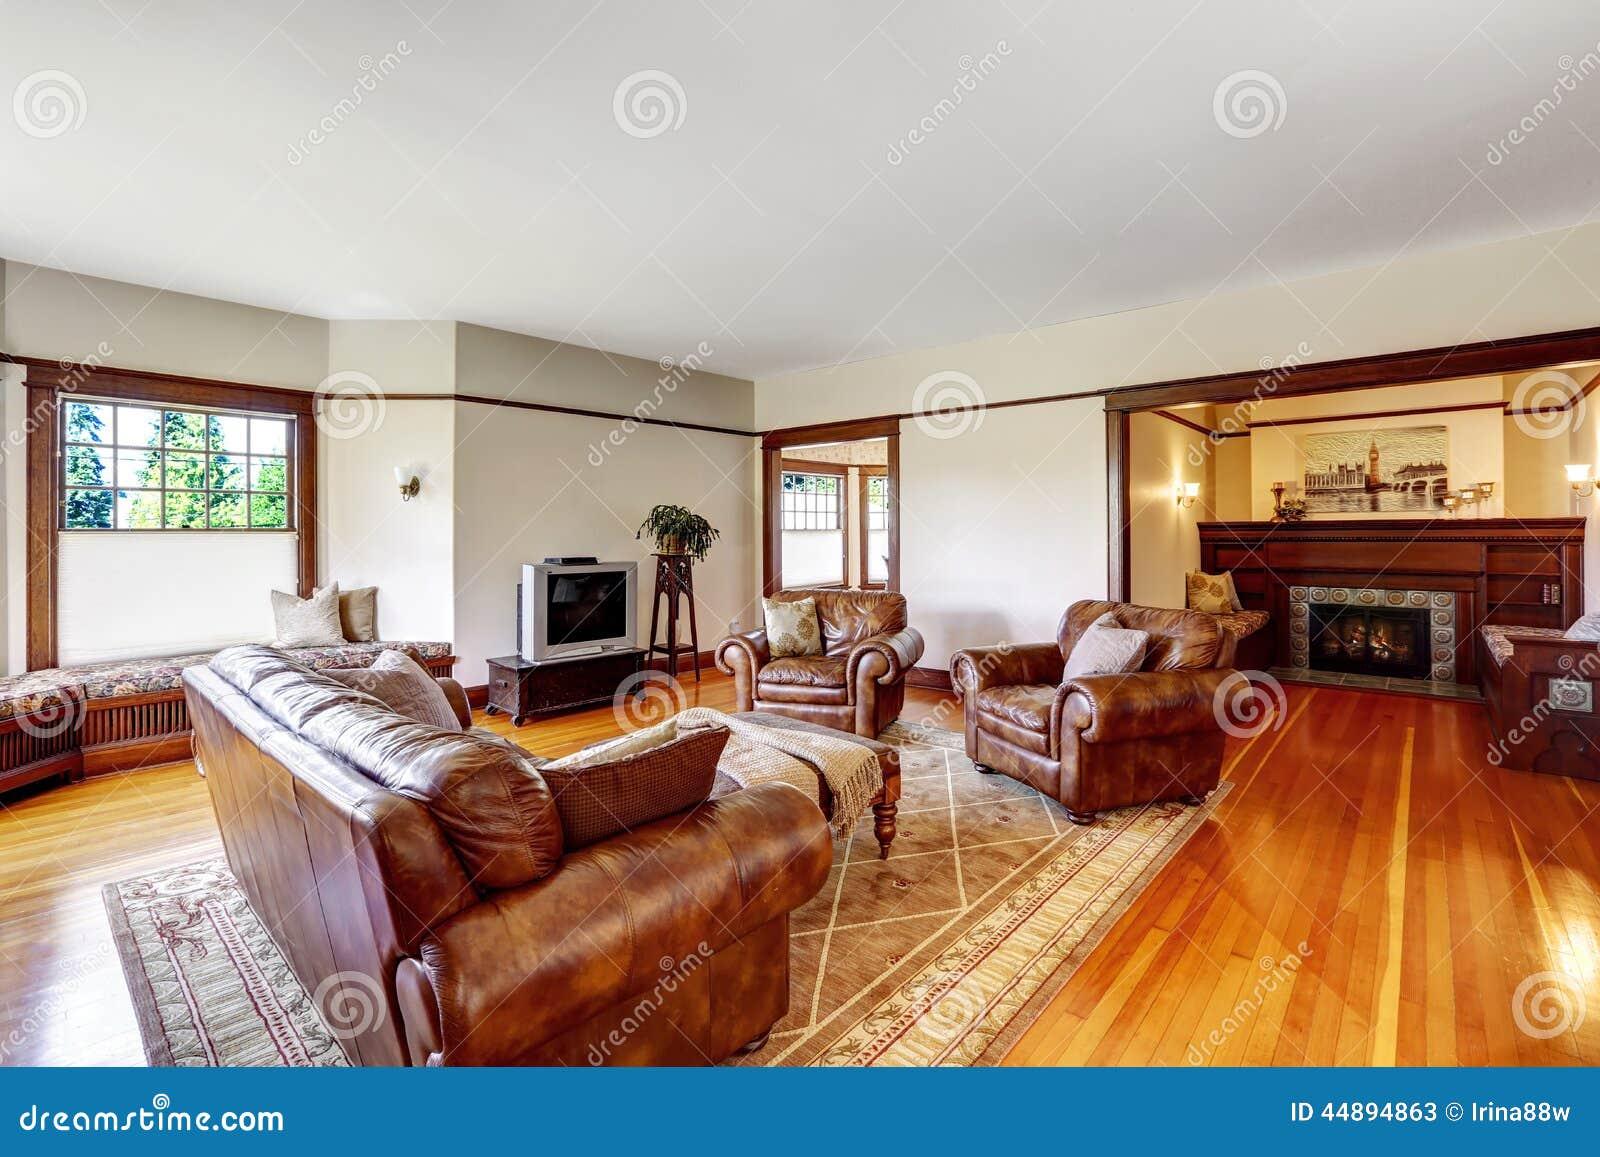 Wohnzimmer Und Sitzecke Mit Kamin Im Alten Luxushaus